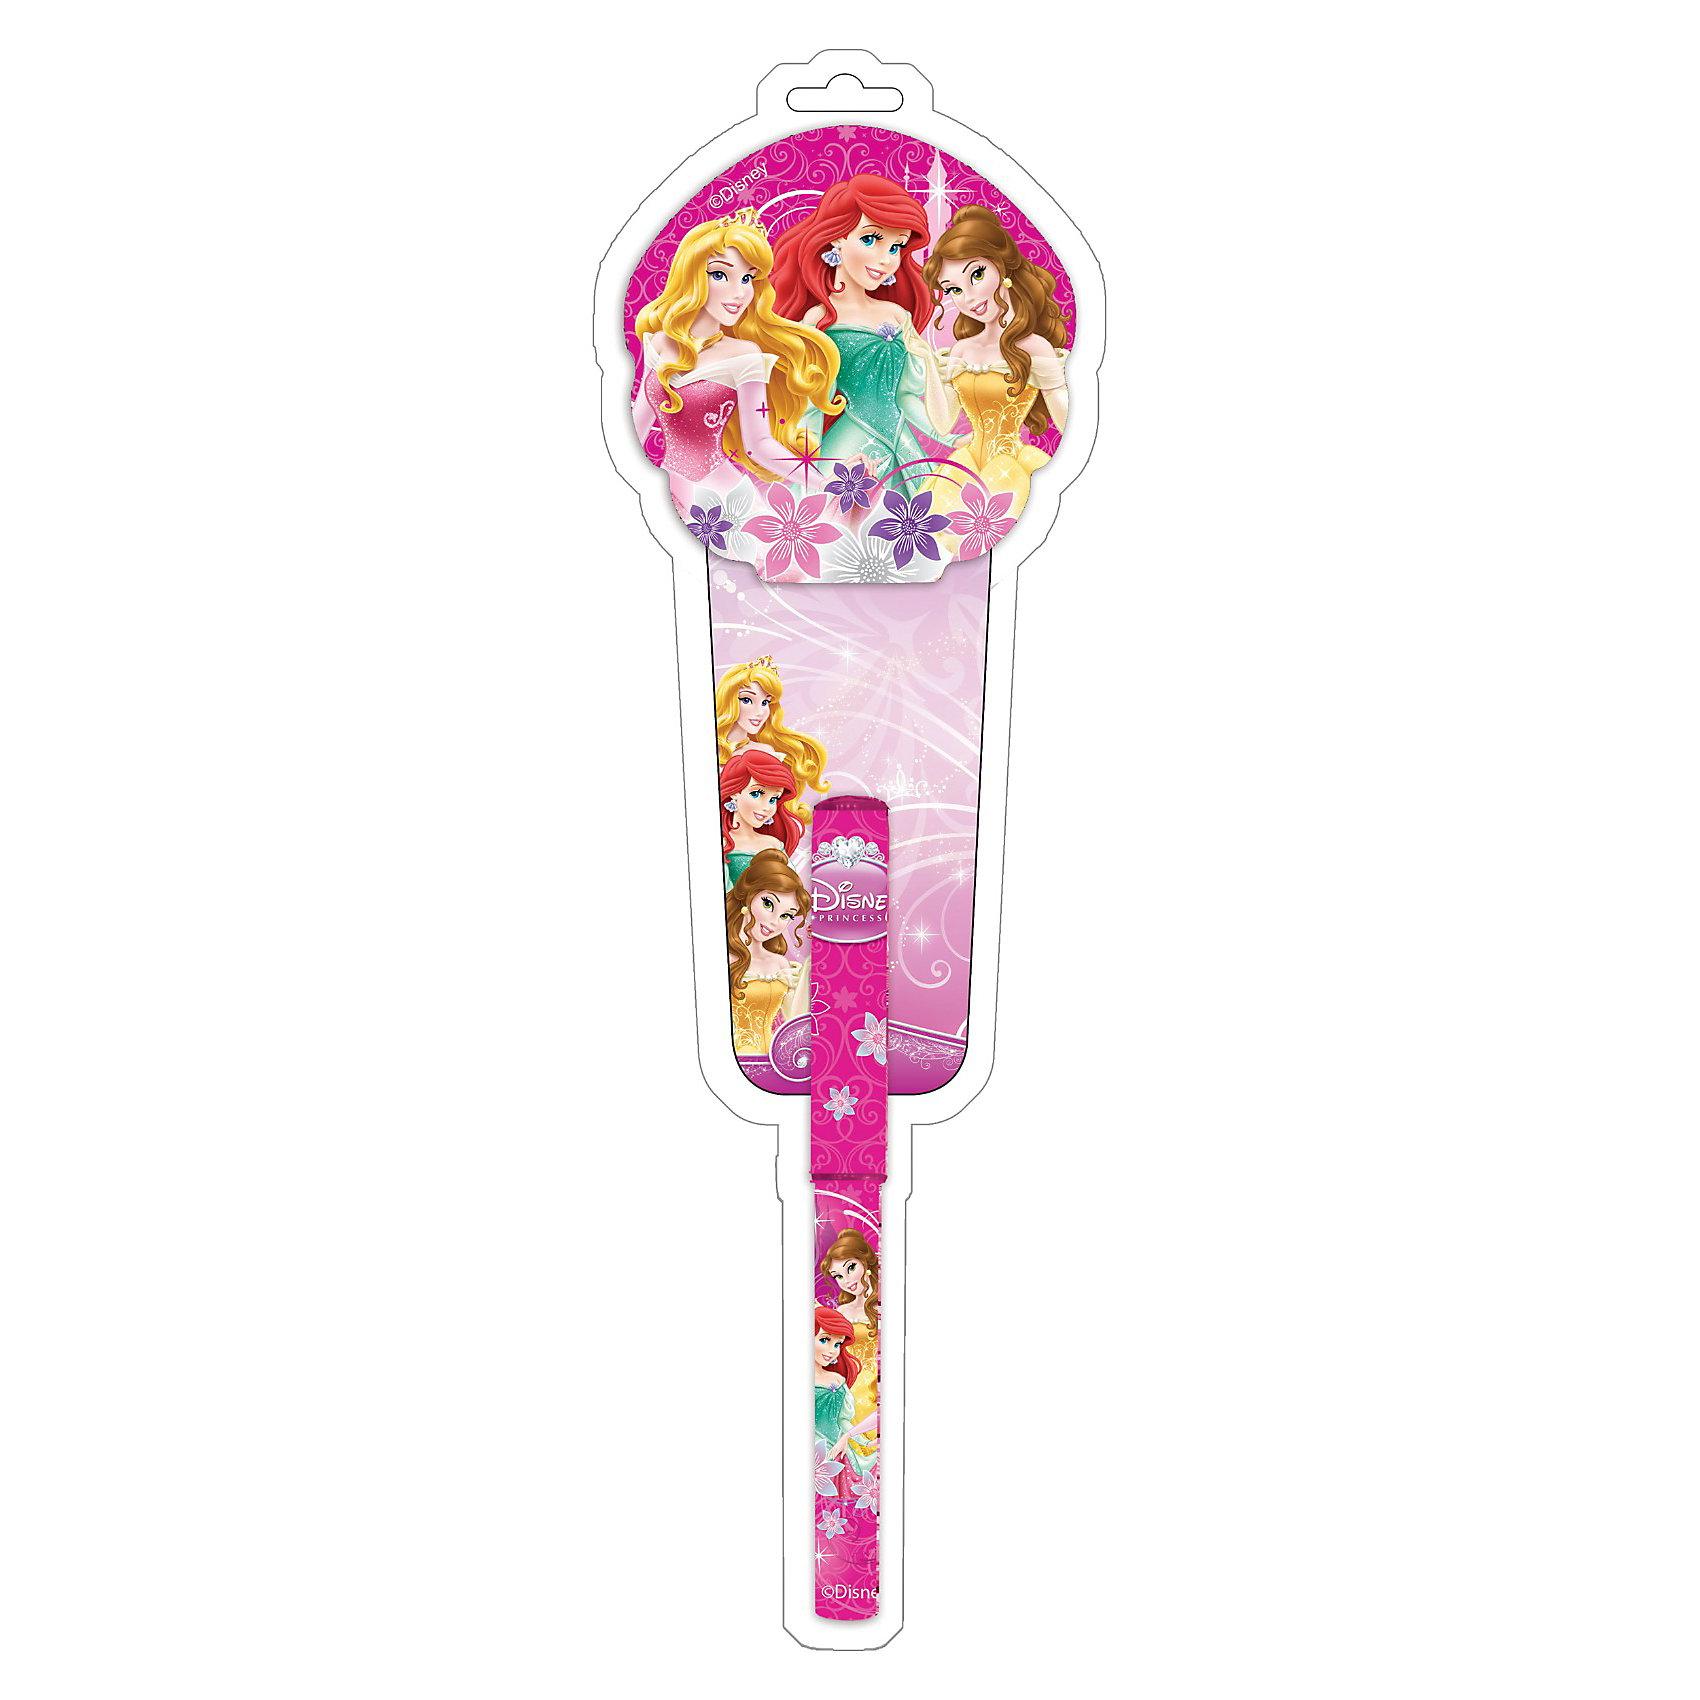 Канцелярский набор: блокнот, ручка, Принцессы ДиснейКанцелярский набор Disney Princess (Принцессы Диснея) порадует всех юных поклонниц диснеевских сказок. В комплект входят блокнот и ручка. Все предметы украшены<br>изображениями принцесс из диснеевских мультфильмов.<br><br>Дополнительная информация:<br><br>- Размер: 27 х 9,5 х 2 см.<br><br>Канцелярский набор Disney Princess можно купить в нашем интернет-магазине.<br><br>Ширина мм: 270<br>Глубина мм: 95<br>Высота мм: 20<br>Вес г: 300<br>Возраст от месяцев: 48<br>Возраст до месяцев: 84<br>Пол: Женский<br>Возраст: Детский<br>SKU: 3563431